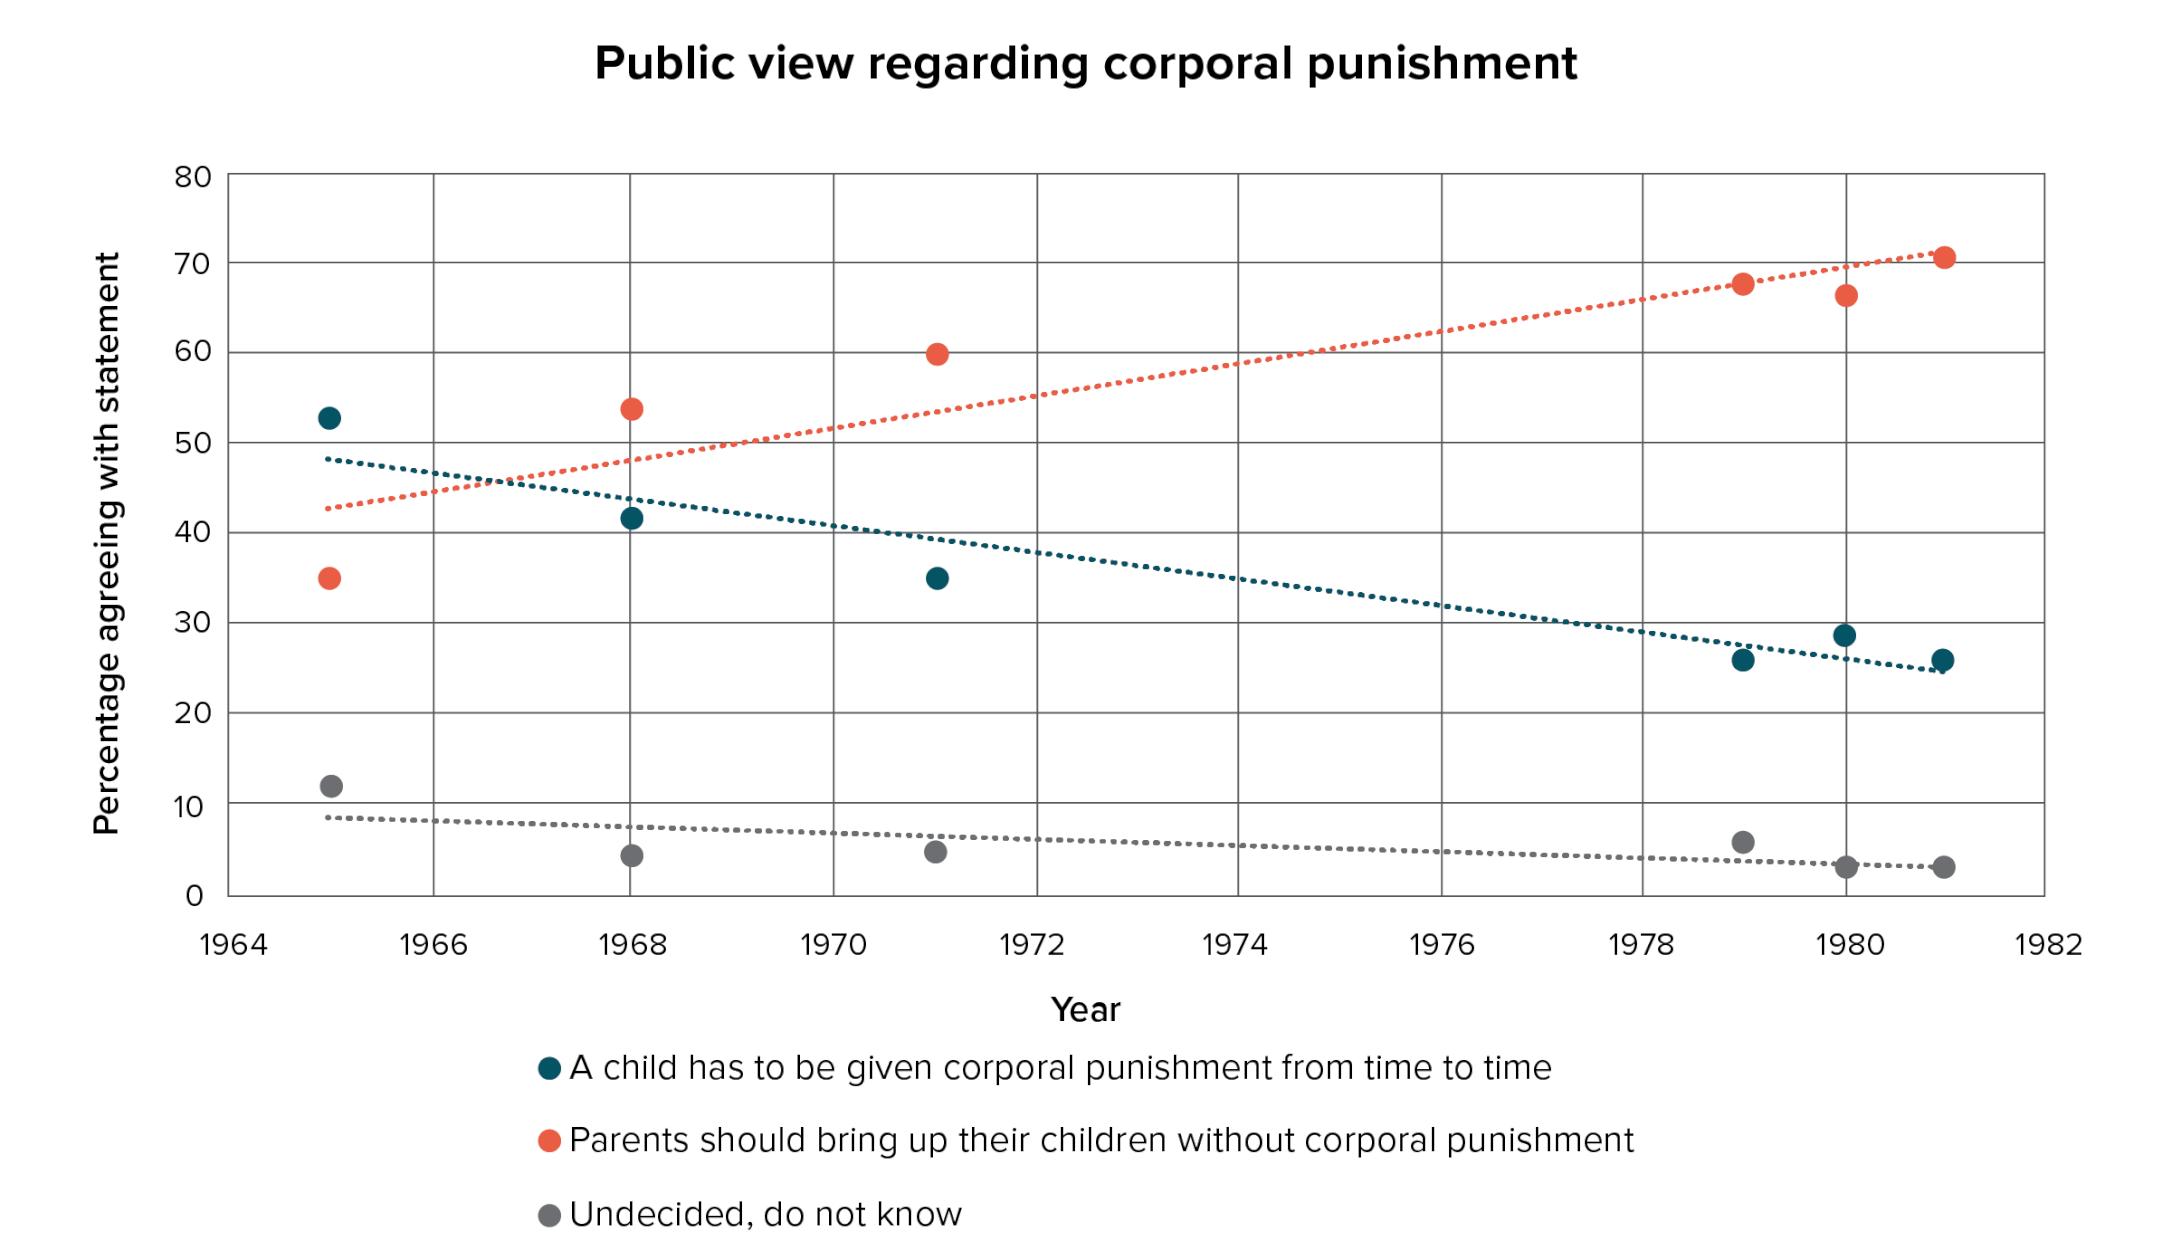 public view regarding corporal punishment